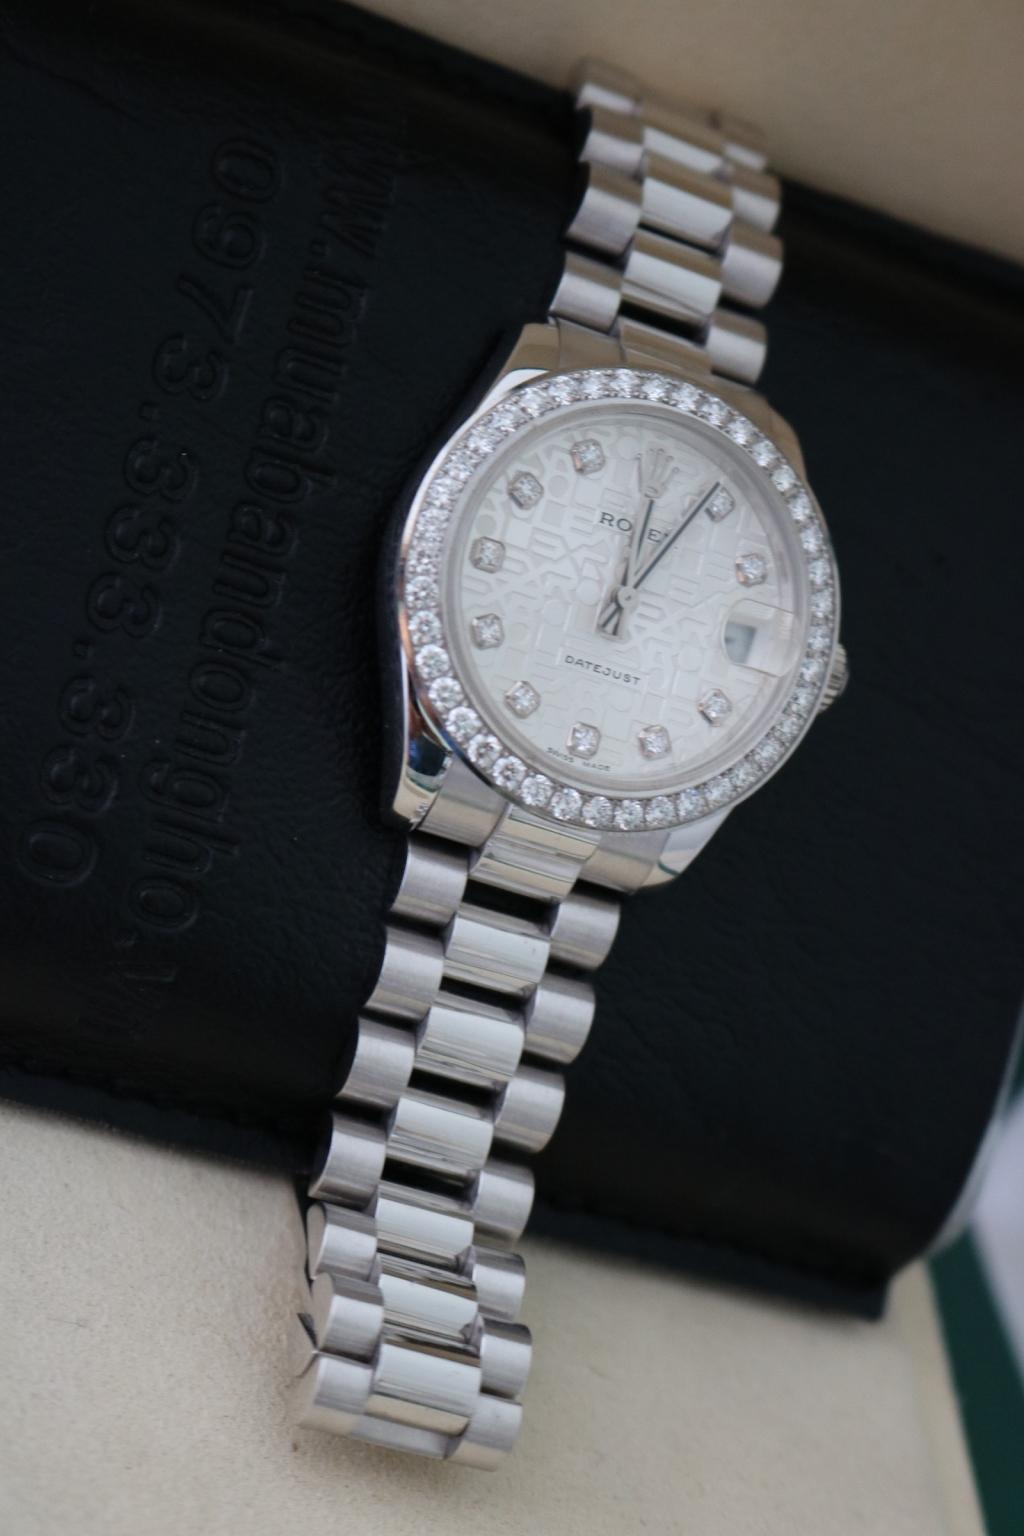 Đồng hồ rolex datejust 6 số Nữ 178279 – Vàng trắng 18k – Mặt vi tính – size 31mm